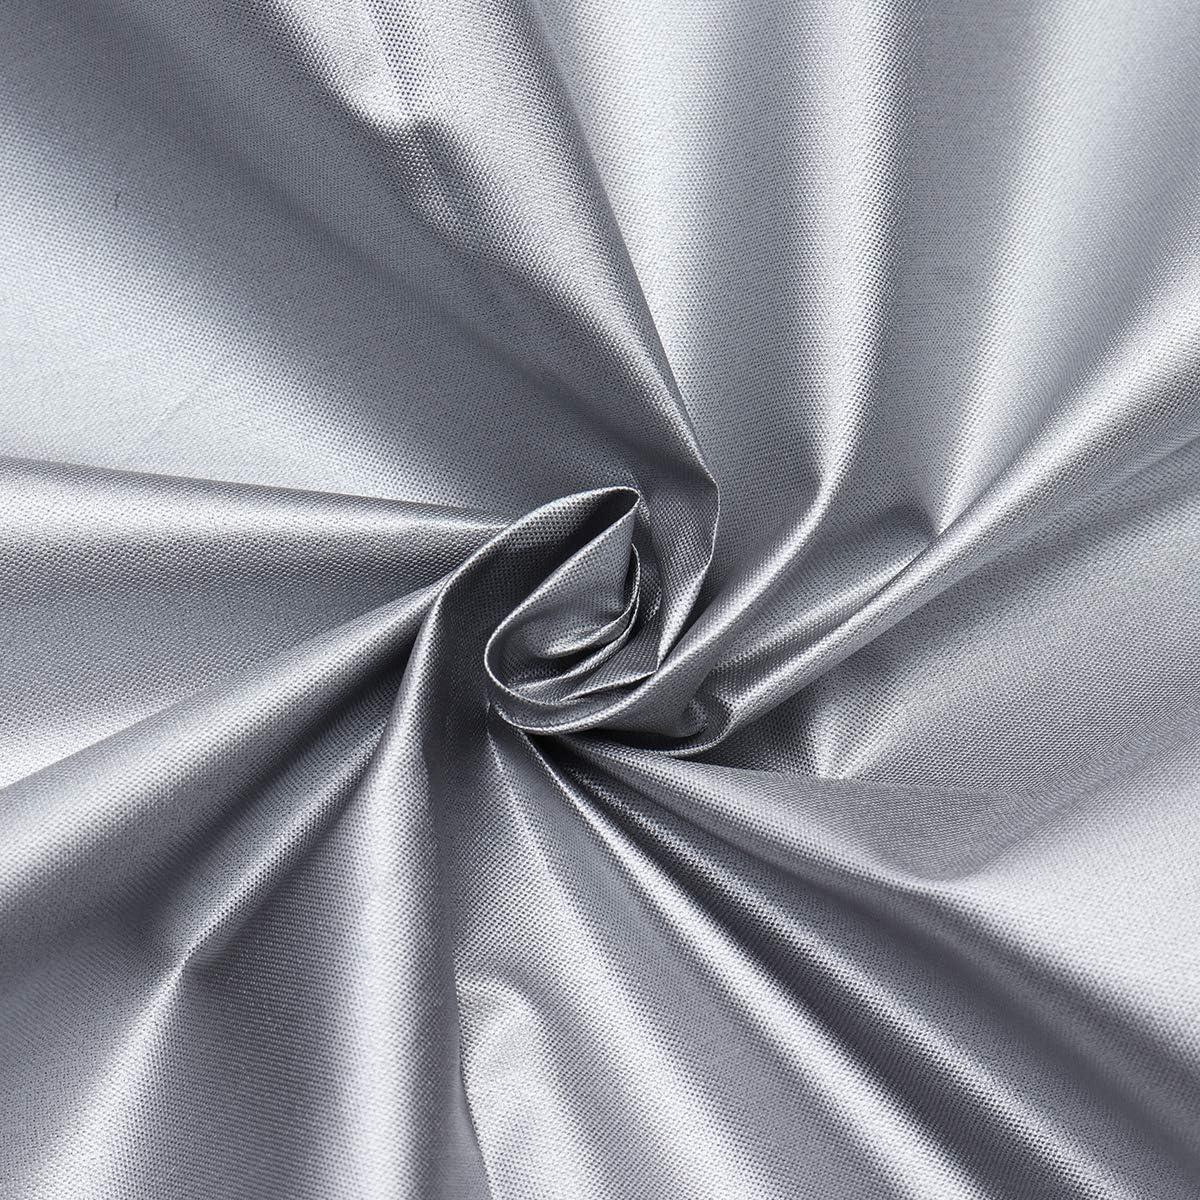 wasserdicht silberfarben 218/×218/×30cm quadratisch wetterfest Abdeckung f/ür Whirlpools